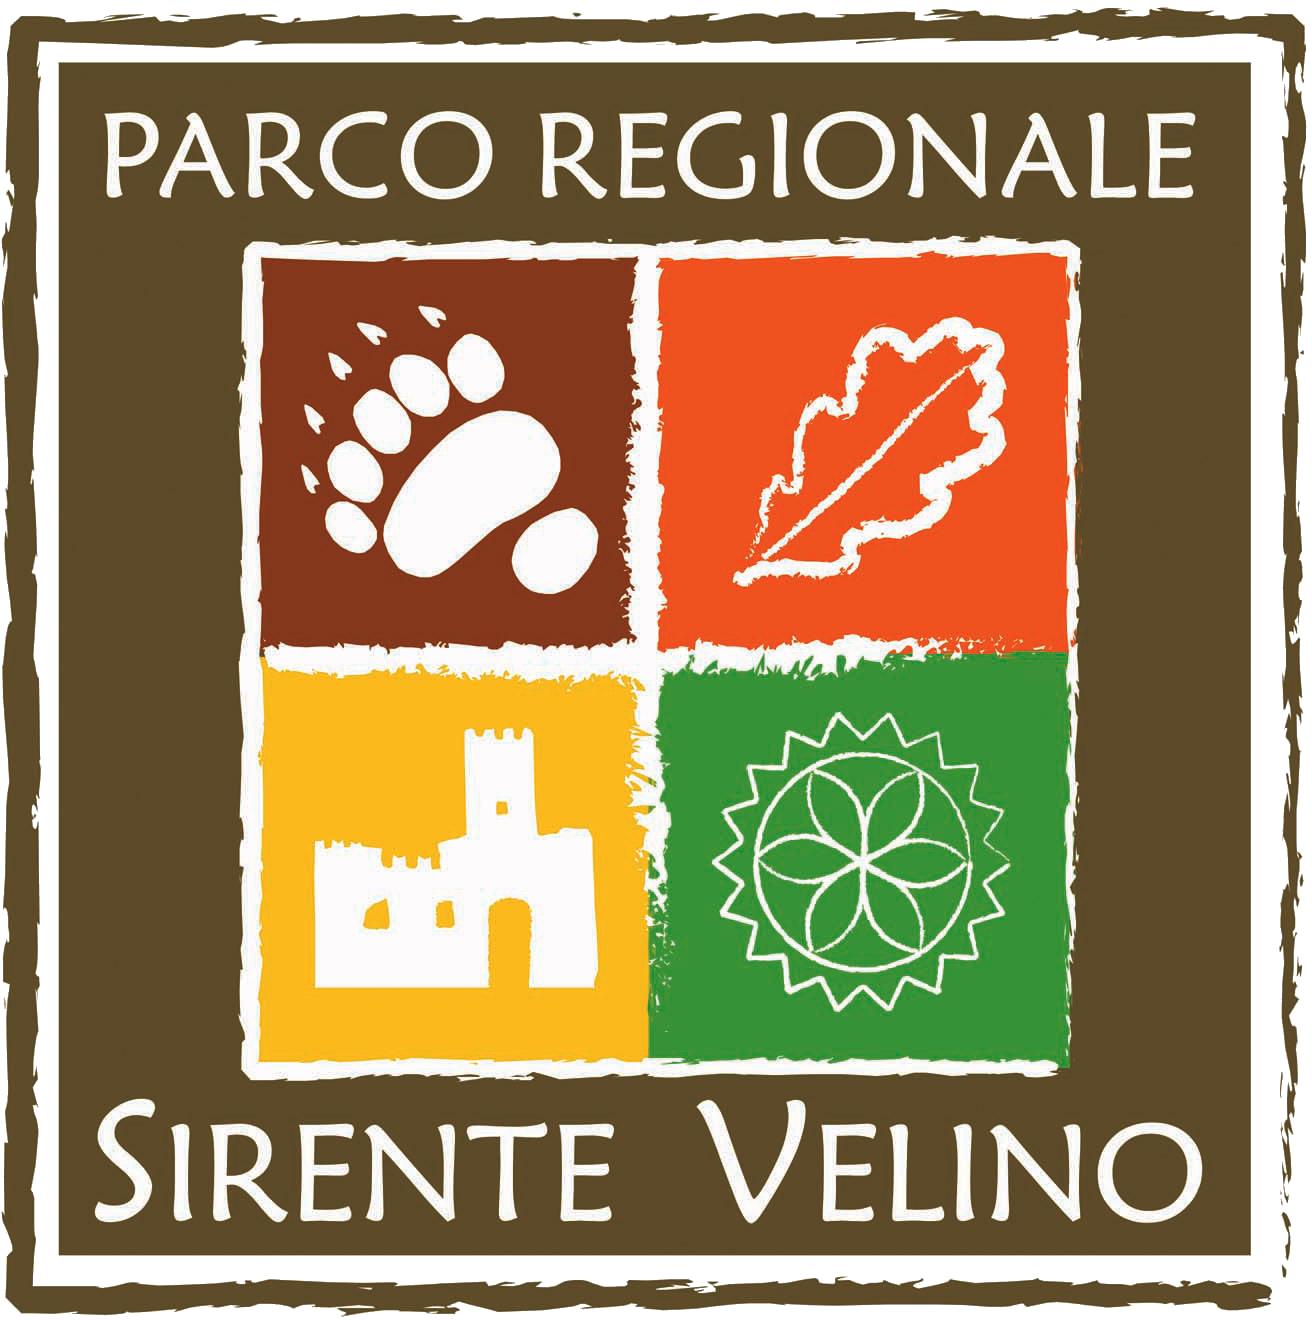 Parco SirenteVelino